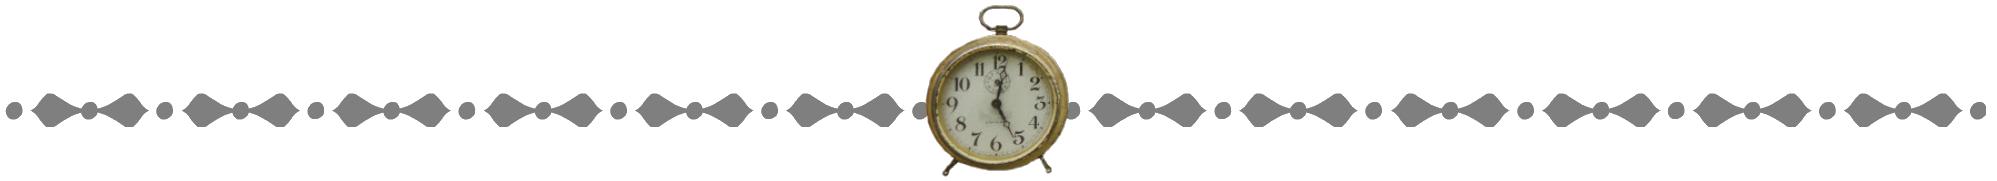 Clock Post Separator copy